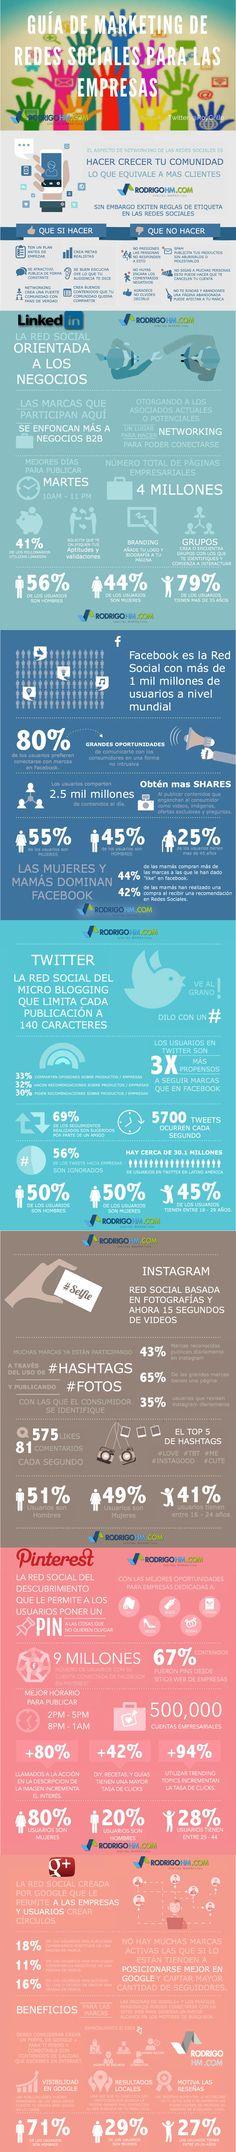 Guía de Marketing de Redes Sociales para las Empresas #infografia #marketing #socialmedia